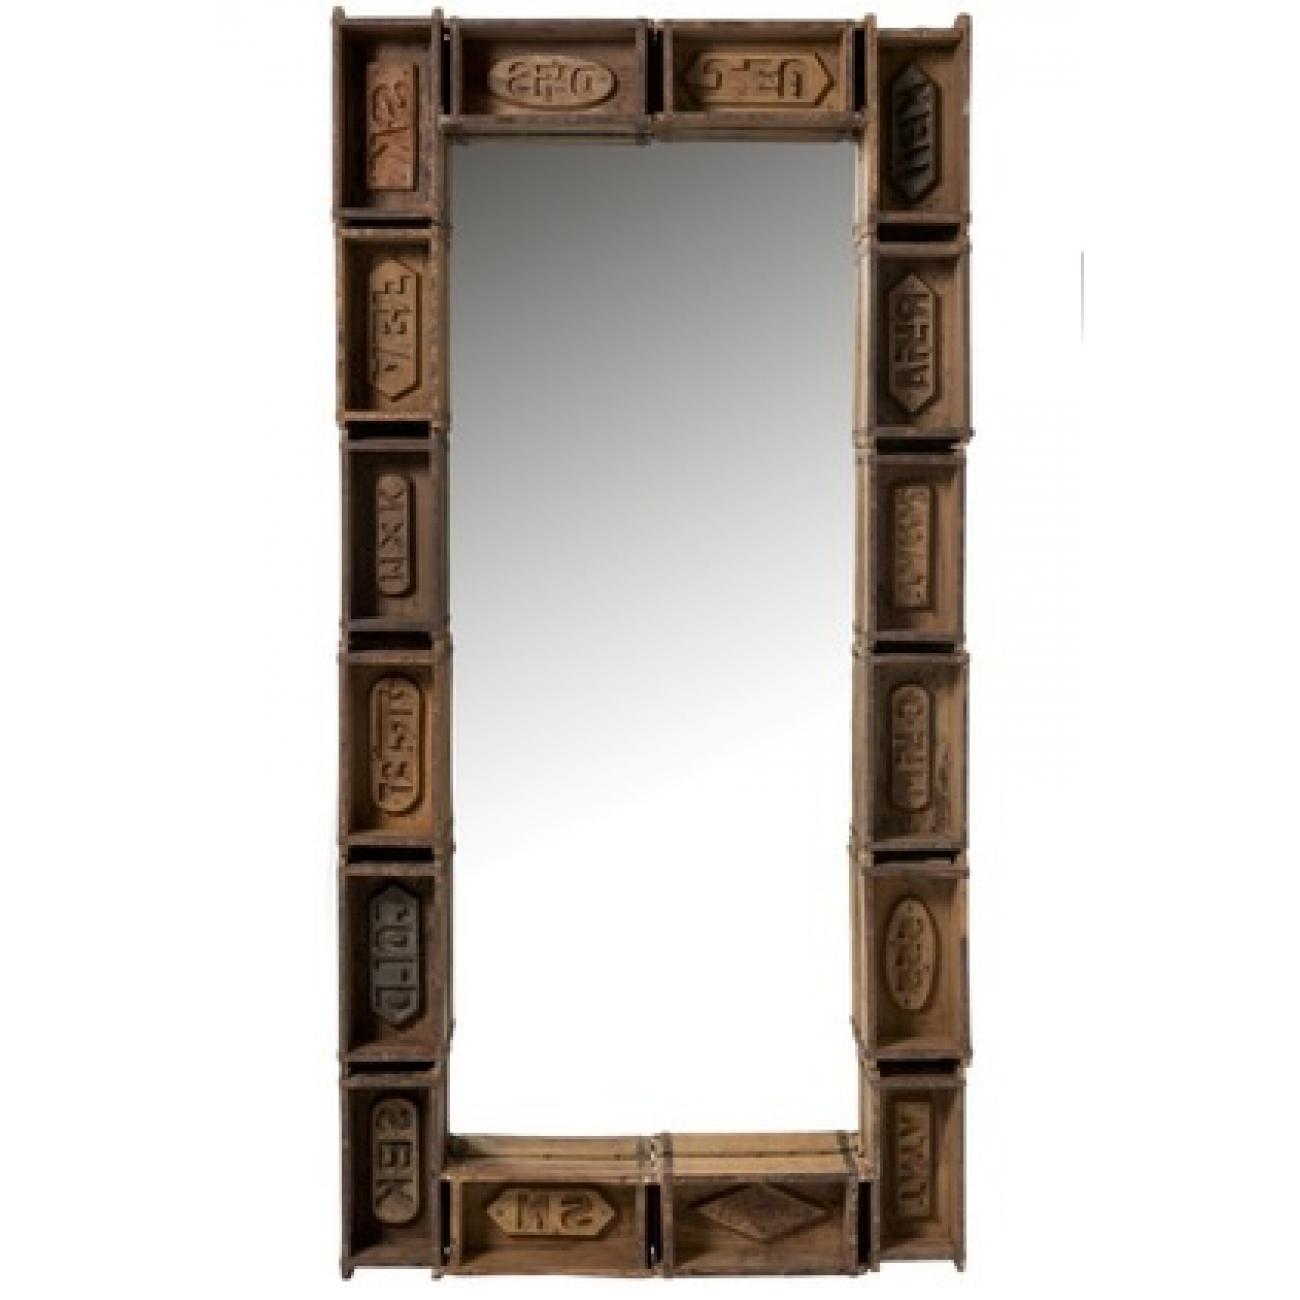 Зеркало J-LINE прямоугольное настенное в деревянной раме с резными элементами из натурального дерева 90х180 см Бельгия